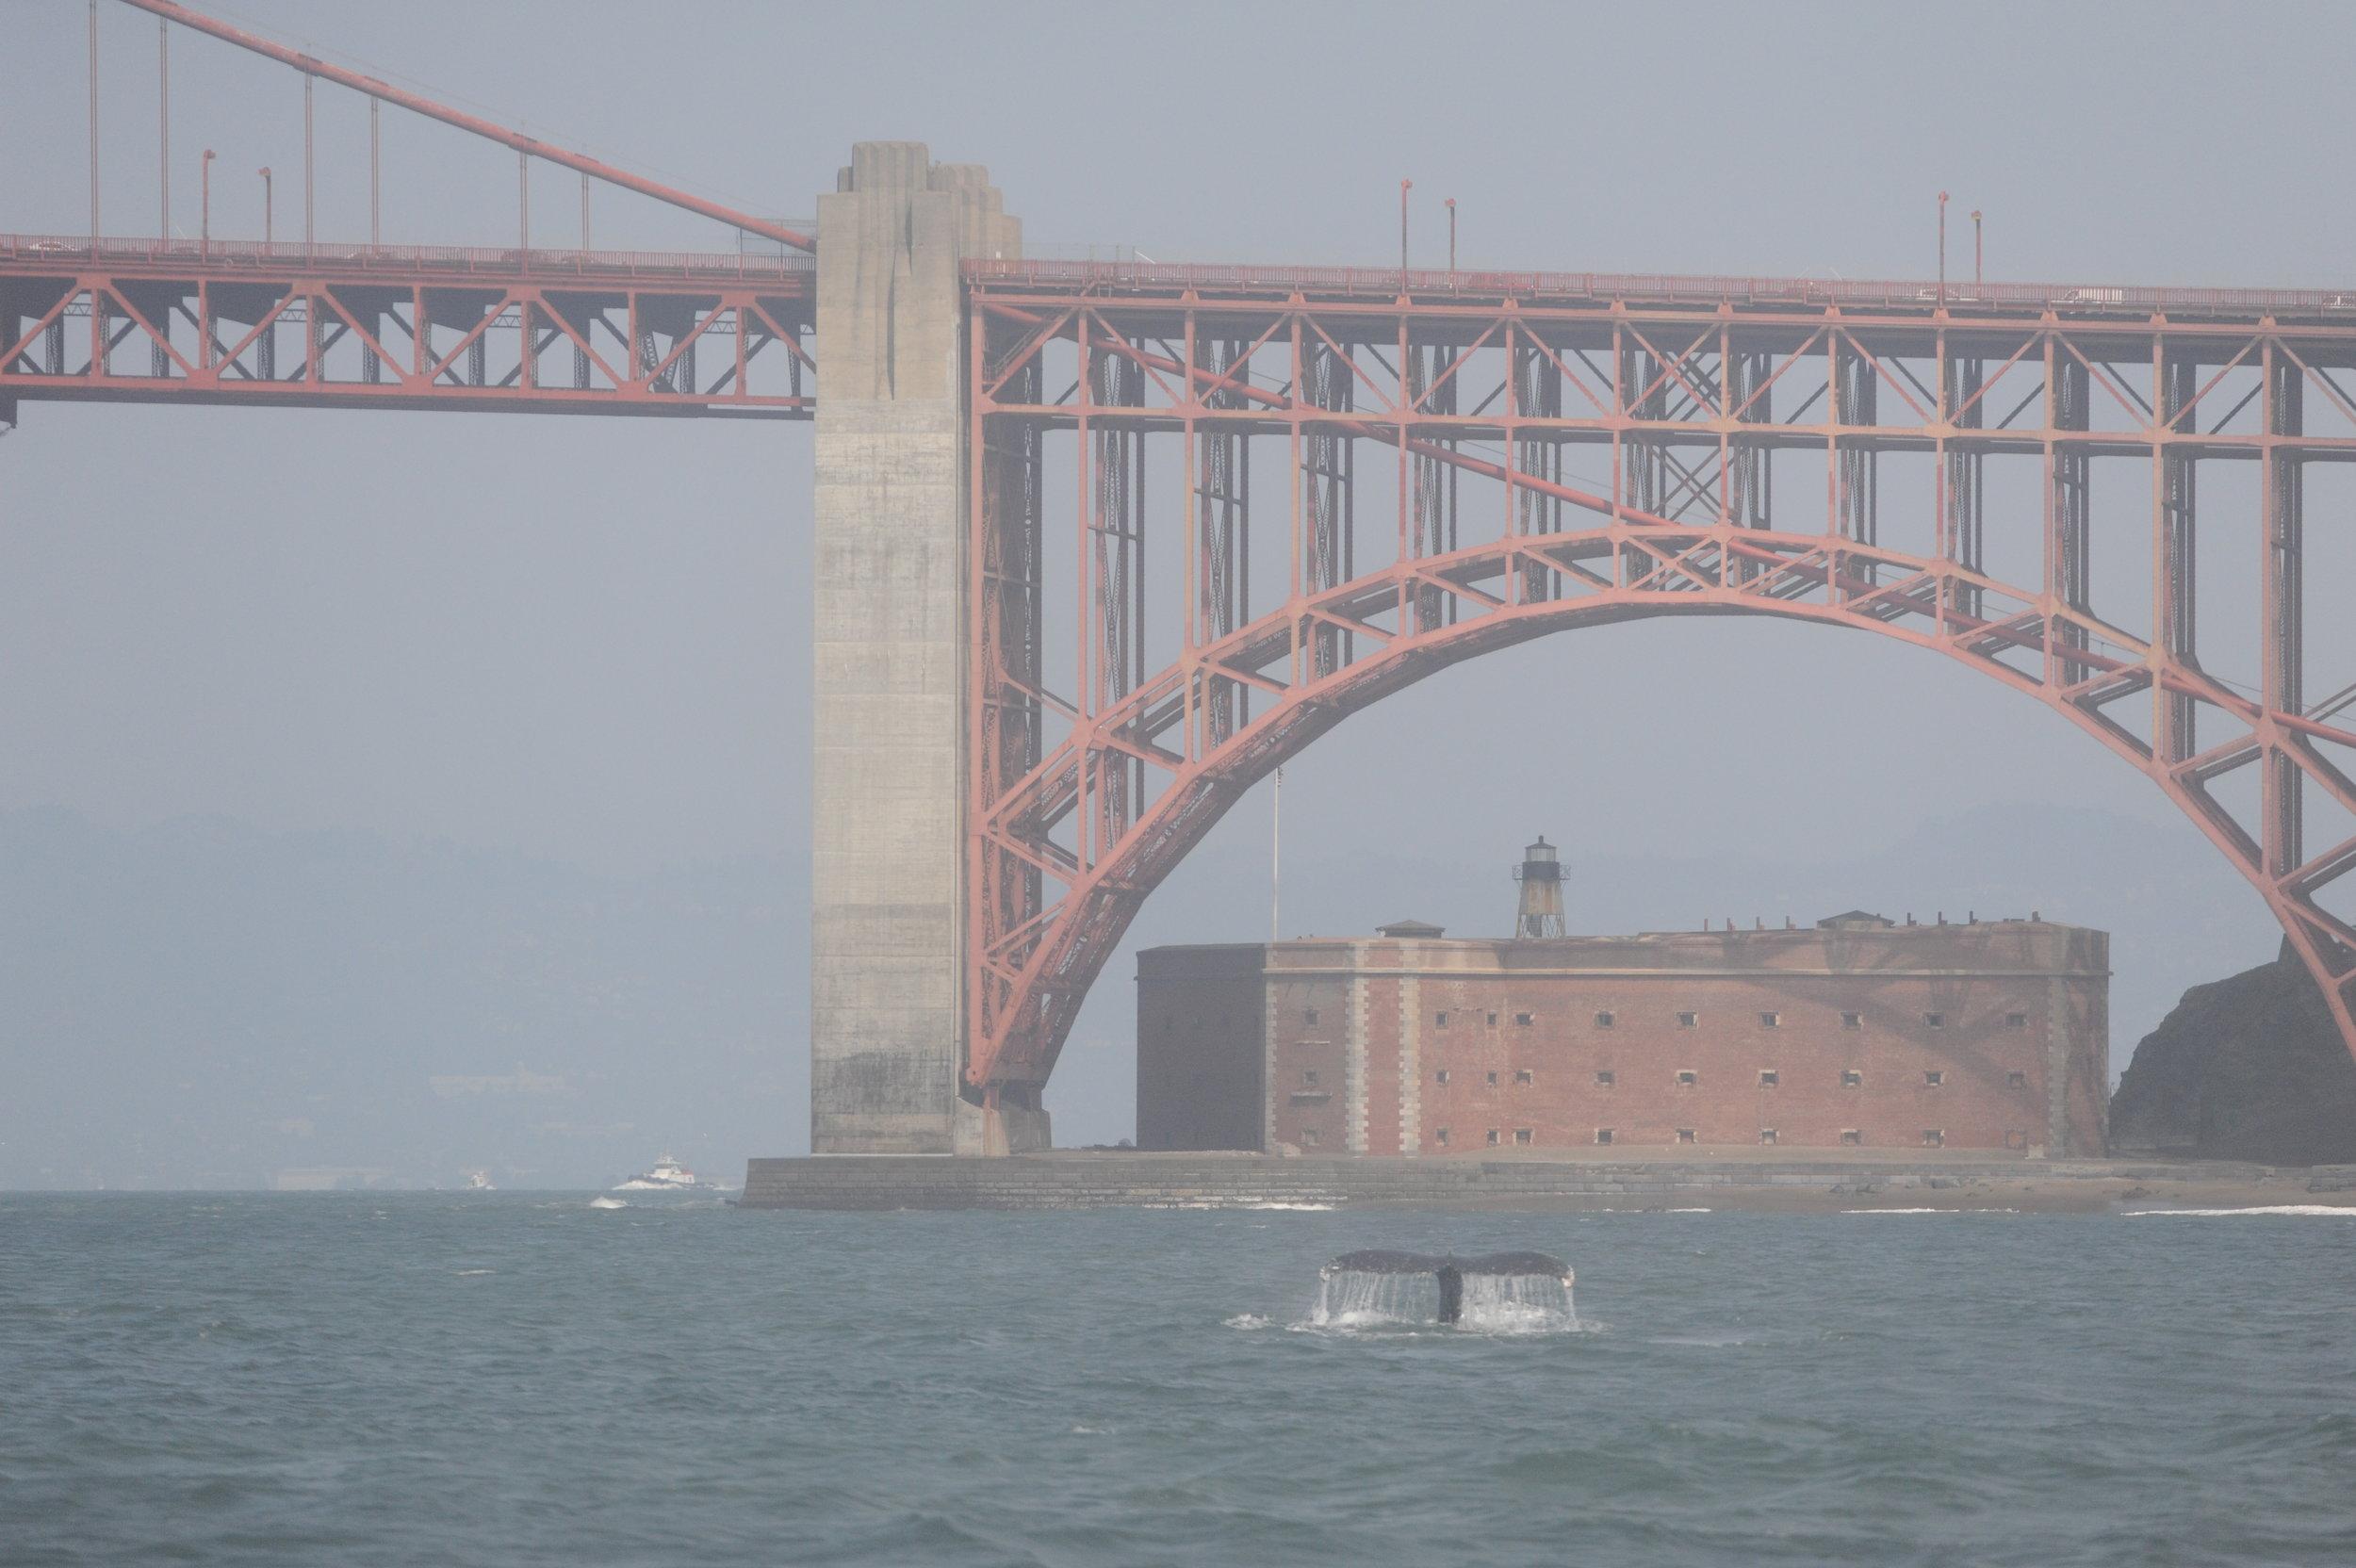 Fluke just outside the bridge.